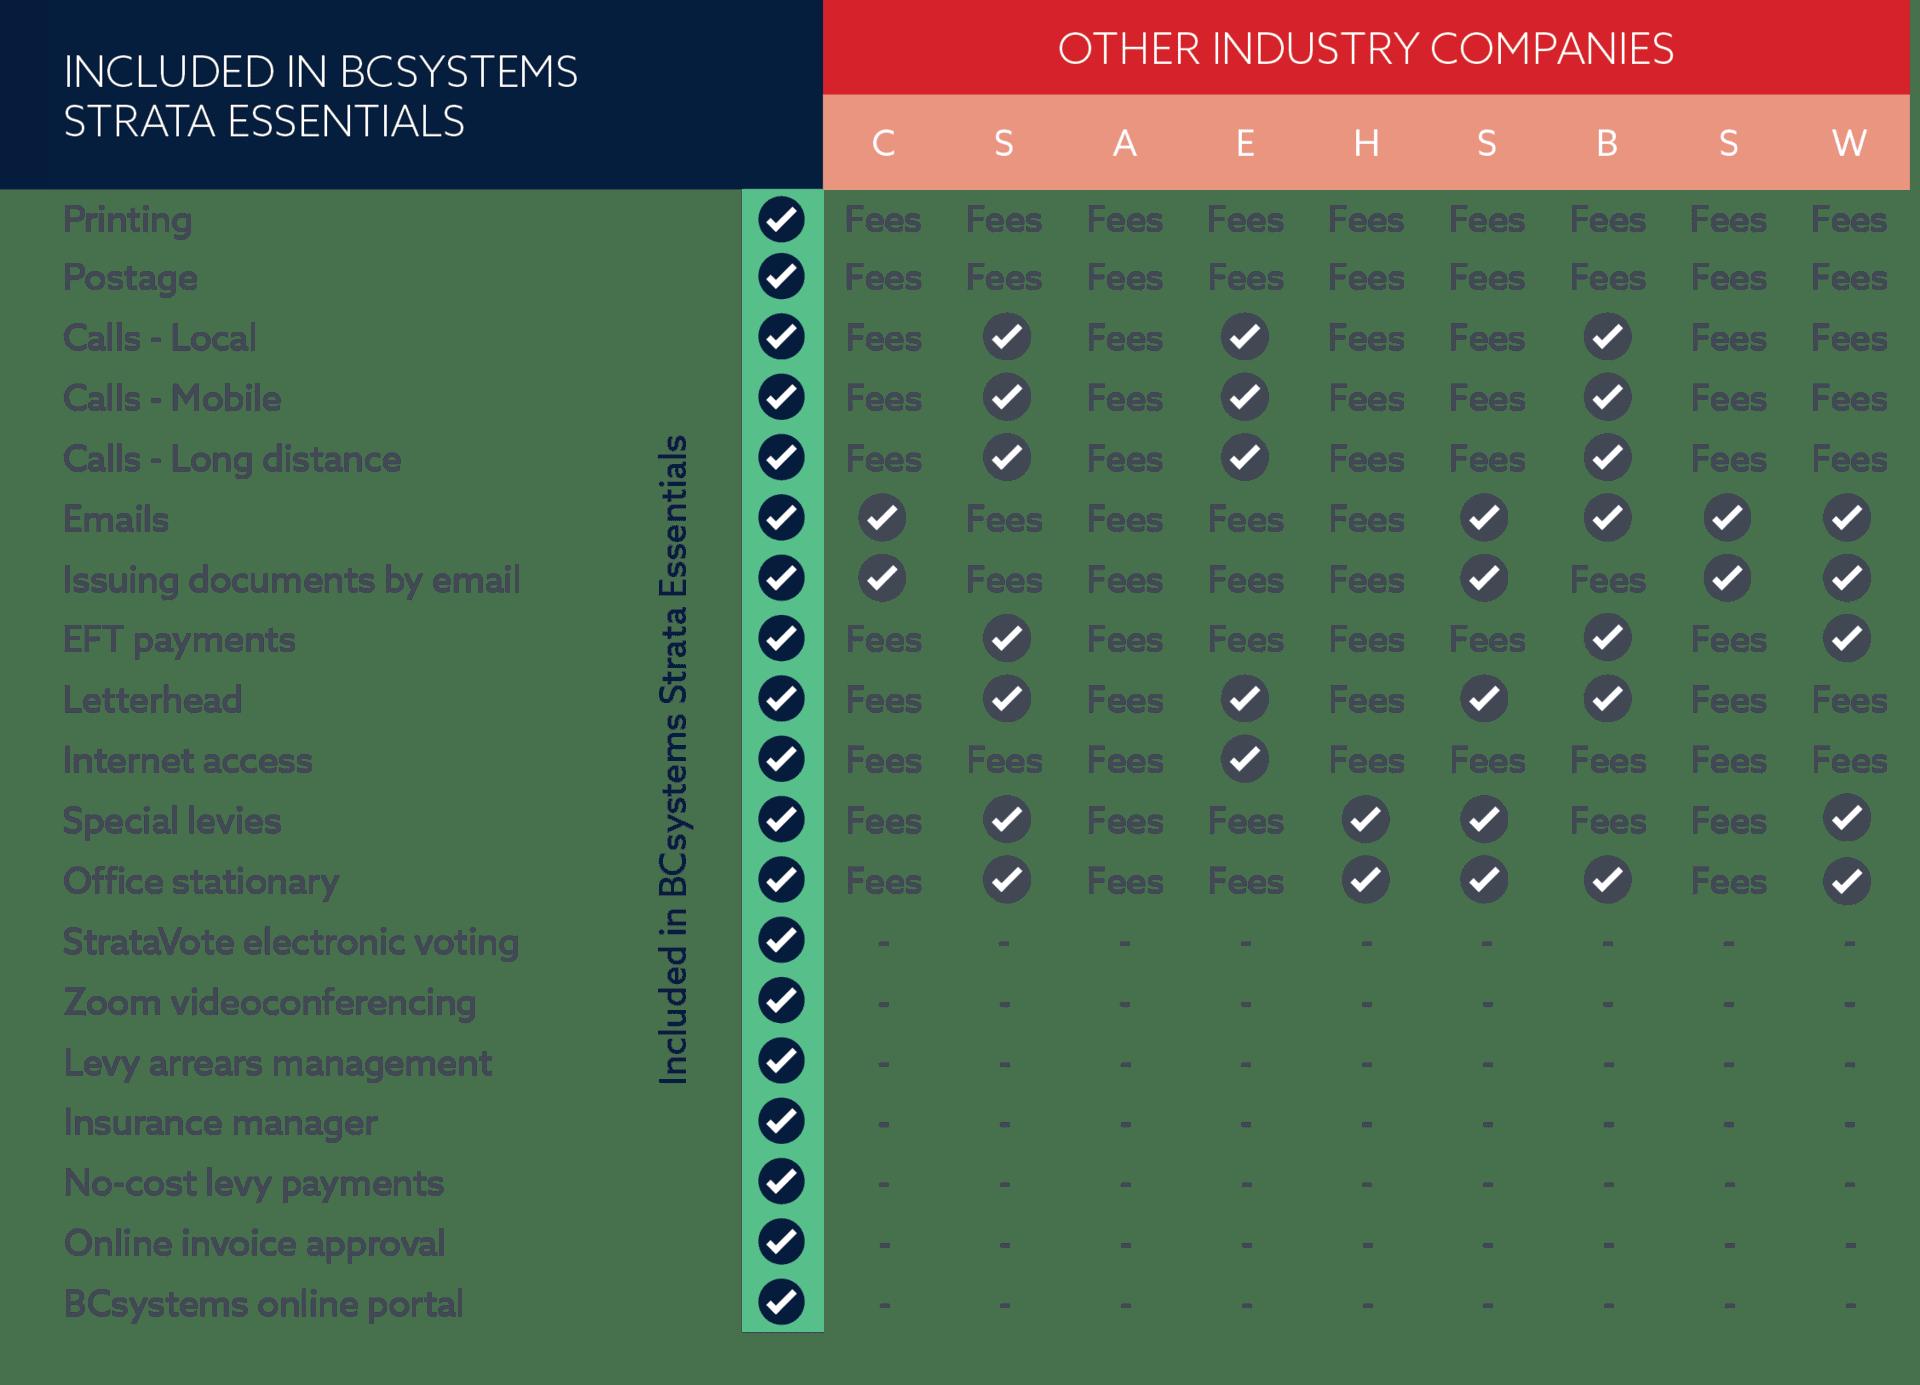 BCsystems Pricing Comparison